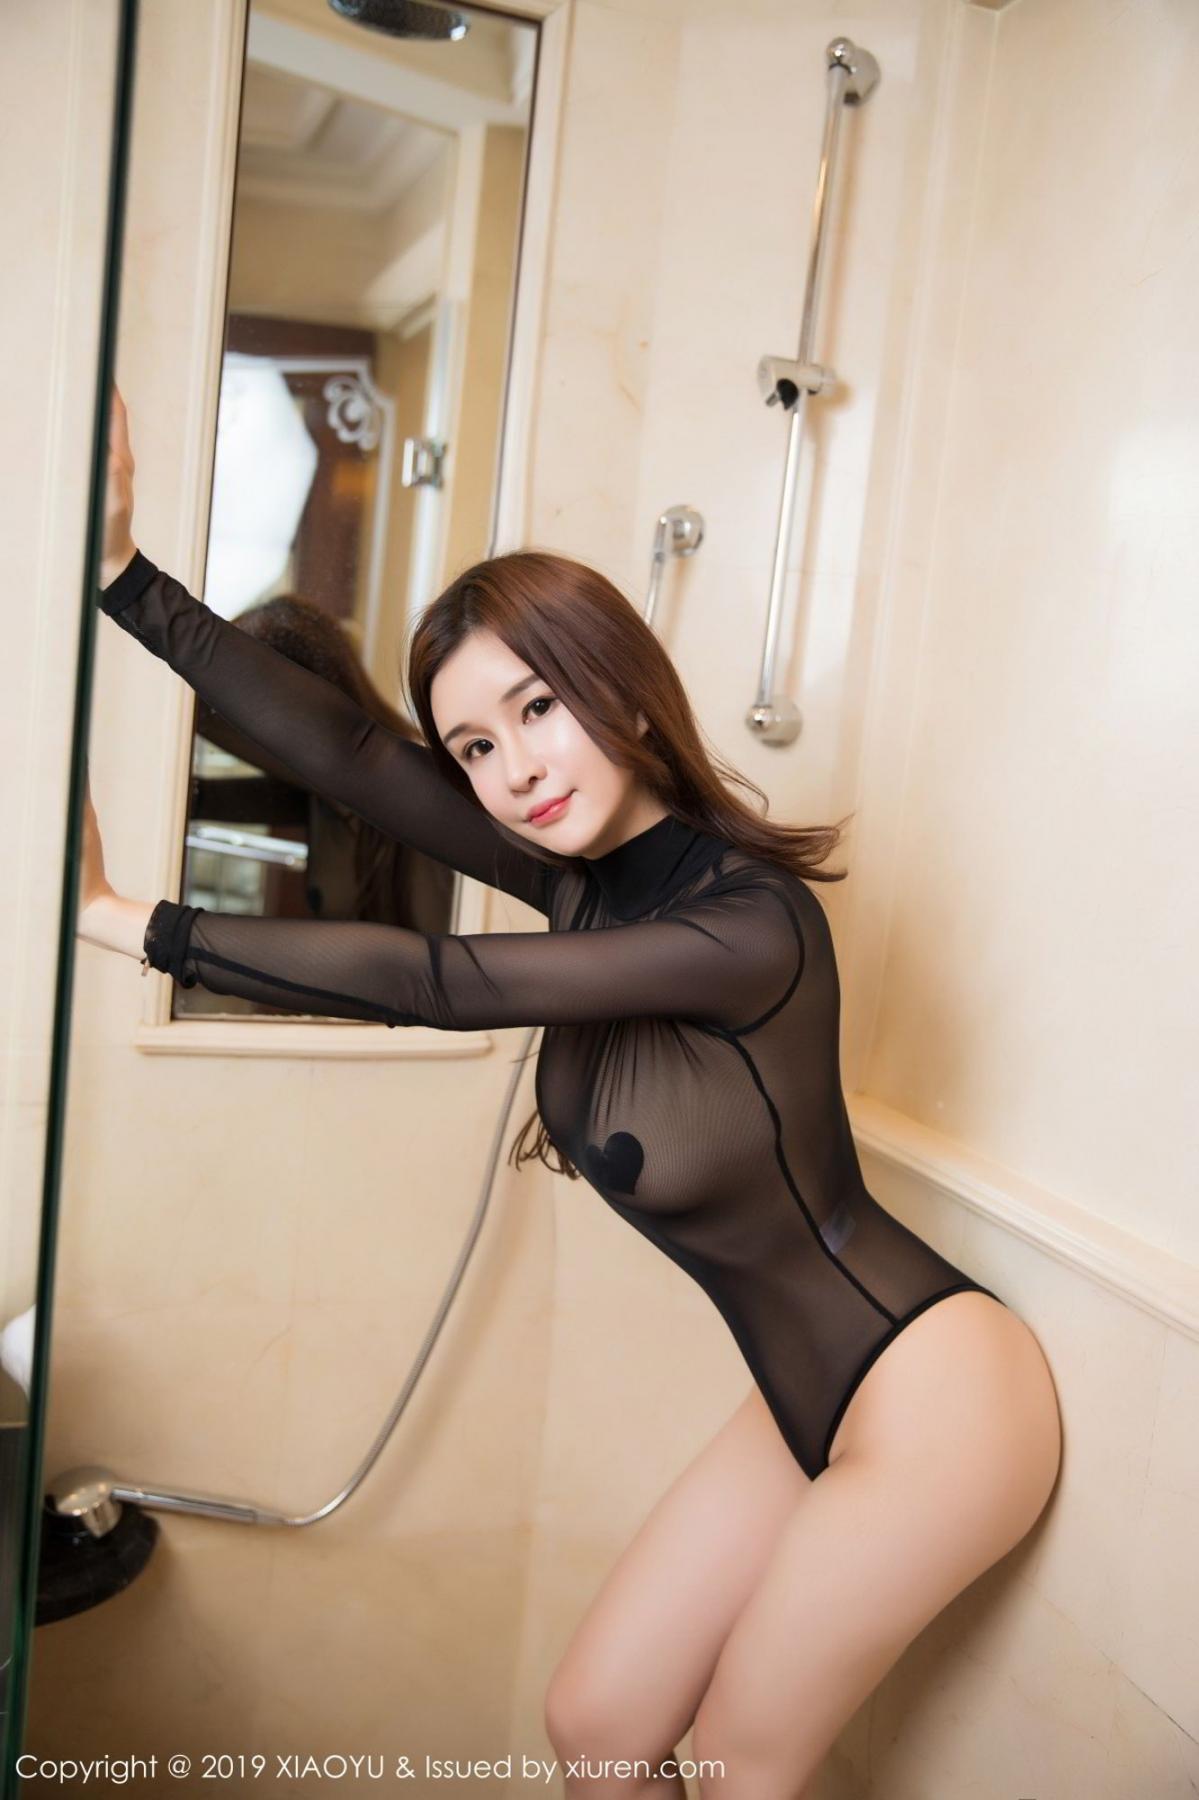 [XiaoYu] Vol.091 Chun Xiao Xi 8P, Bathroom, Chun Xiao Xi, Wet, XiaoYu